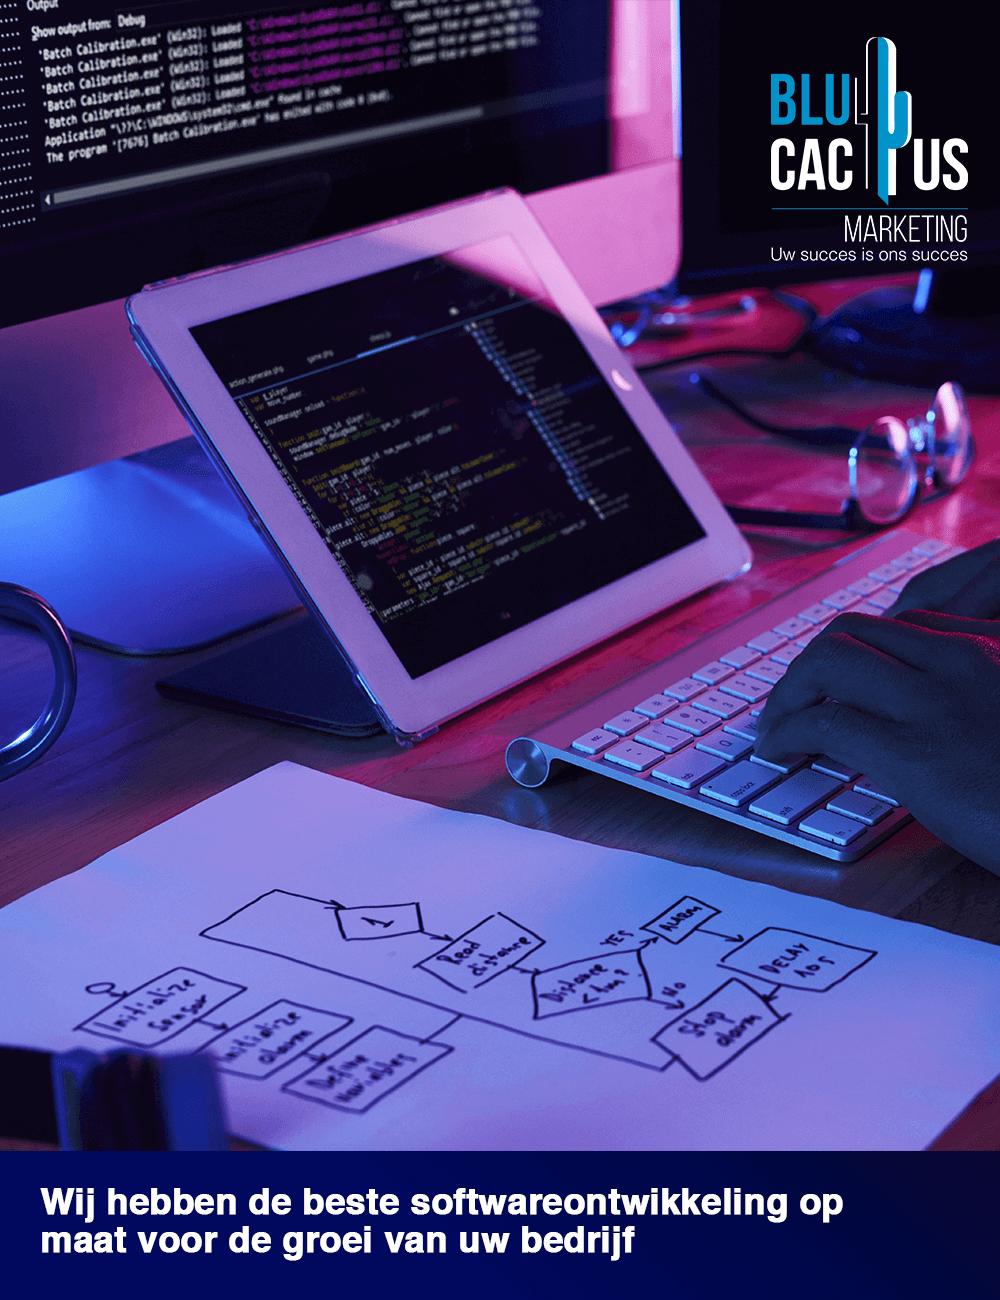 BluCactus Software ontwikkeling bedrijf